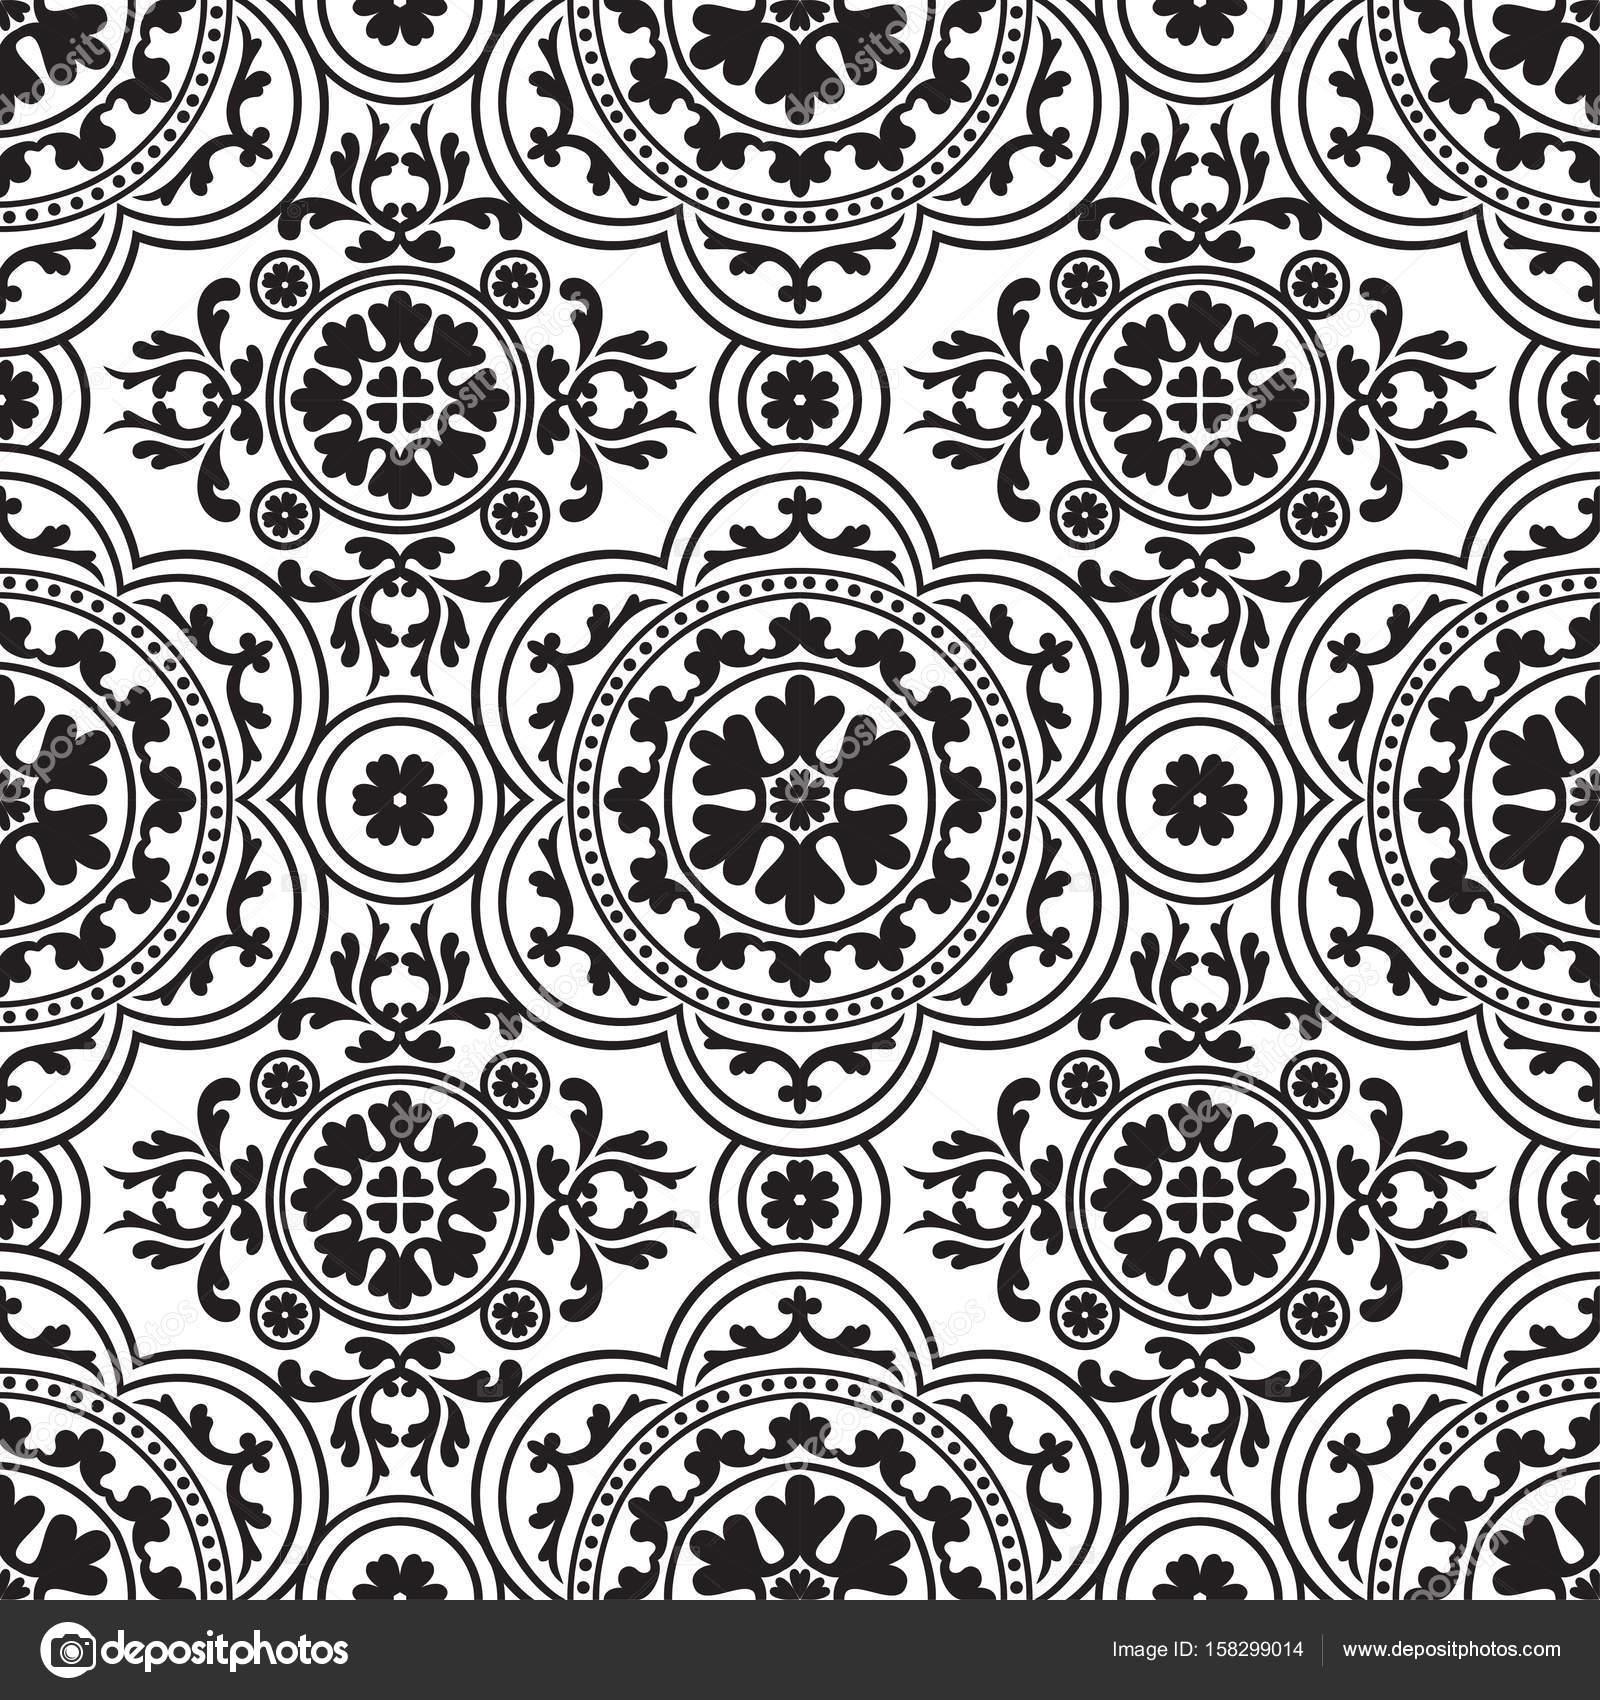 Vintage Orientalische Muster Nahtlose Muster Tapete Schwarz Weiß